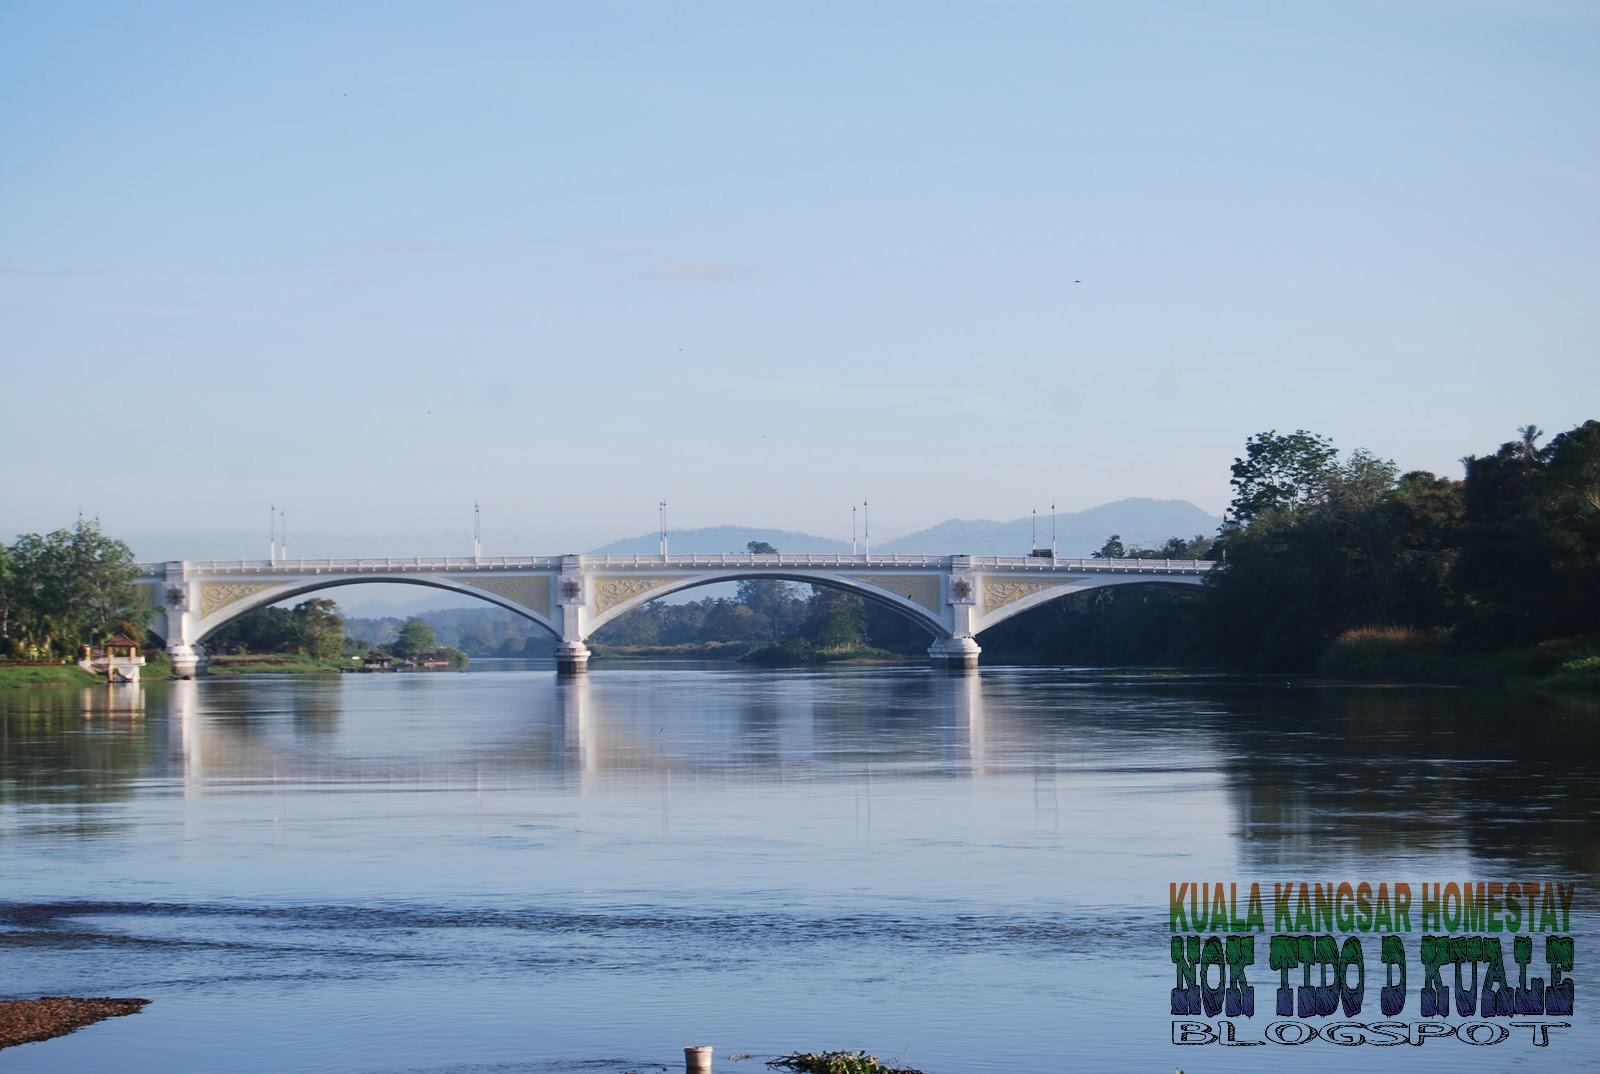 Jambatan Sultan Abdul Jalil